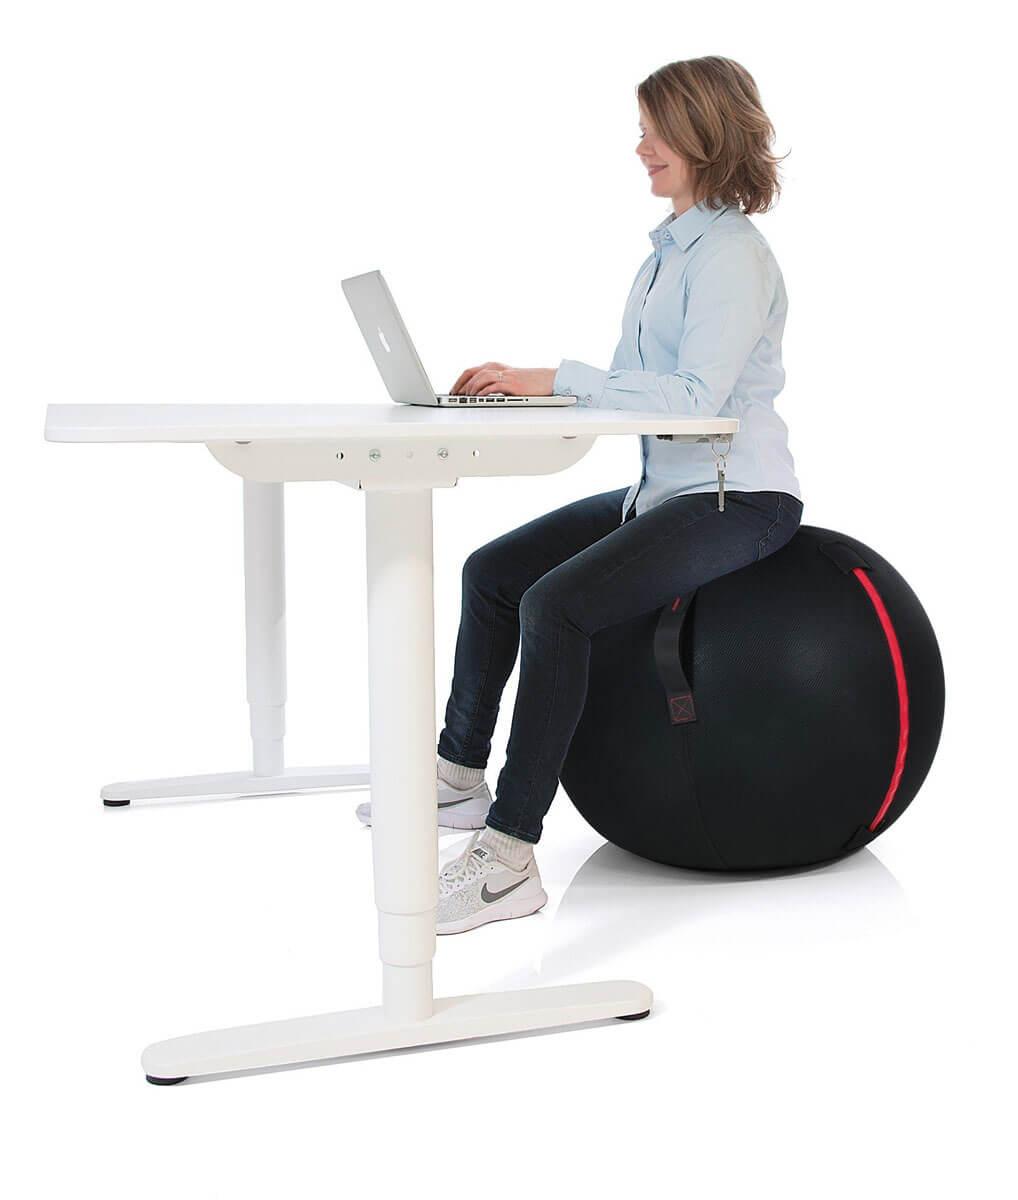 Kontorsboll - Sittboll för kontor